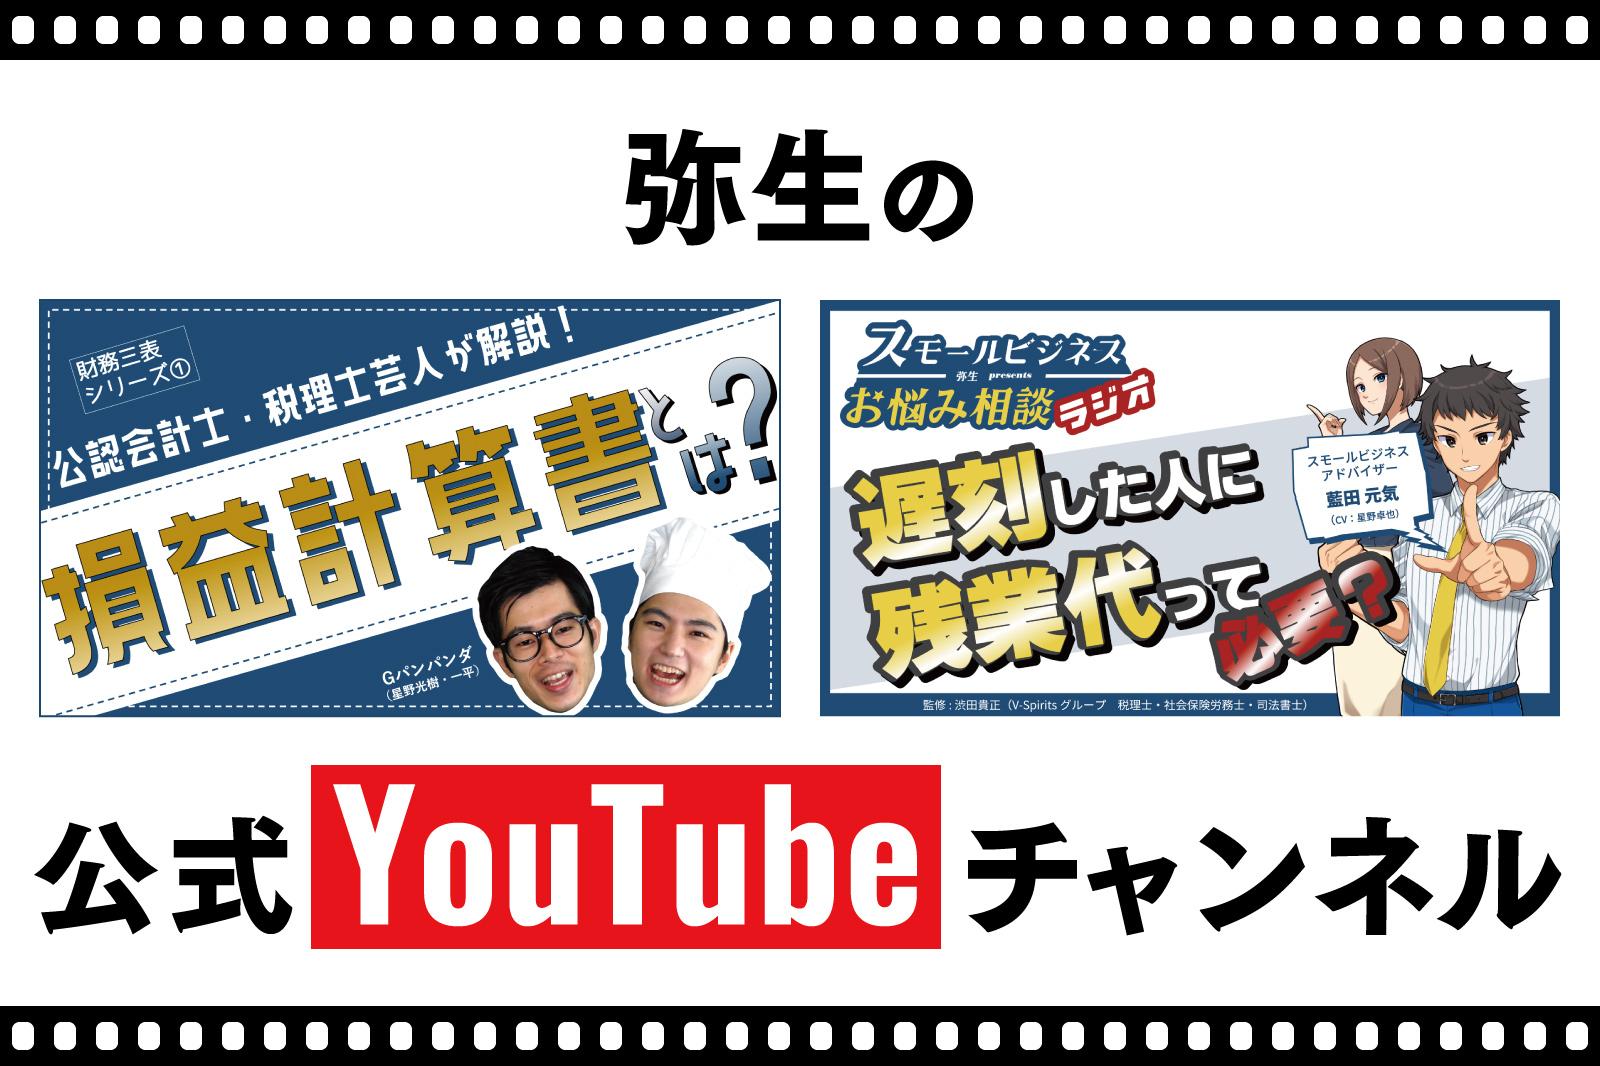 【お知らせ】弥生のYouTubeで「会計や経営、起業を学べる動画」配信がスタート!